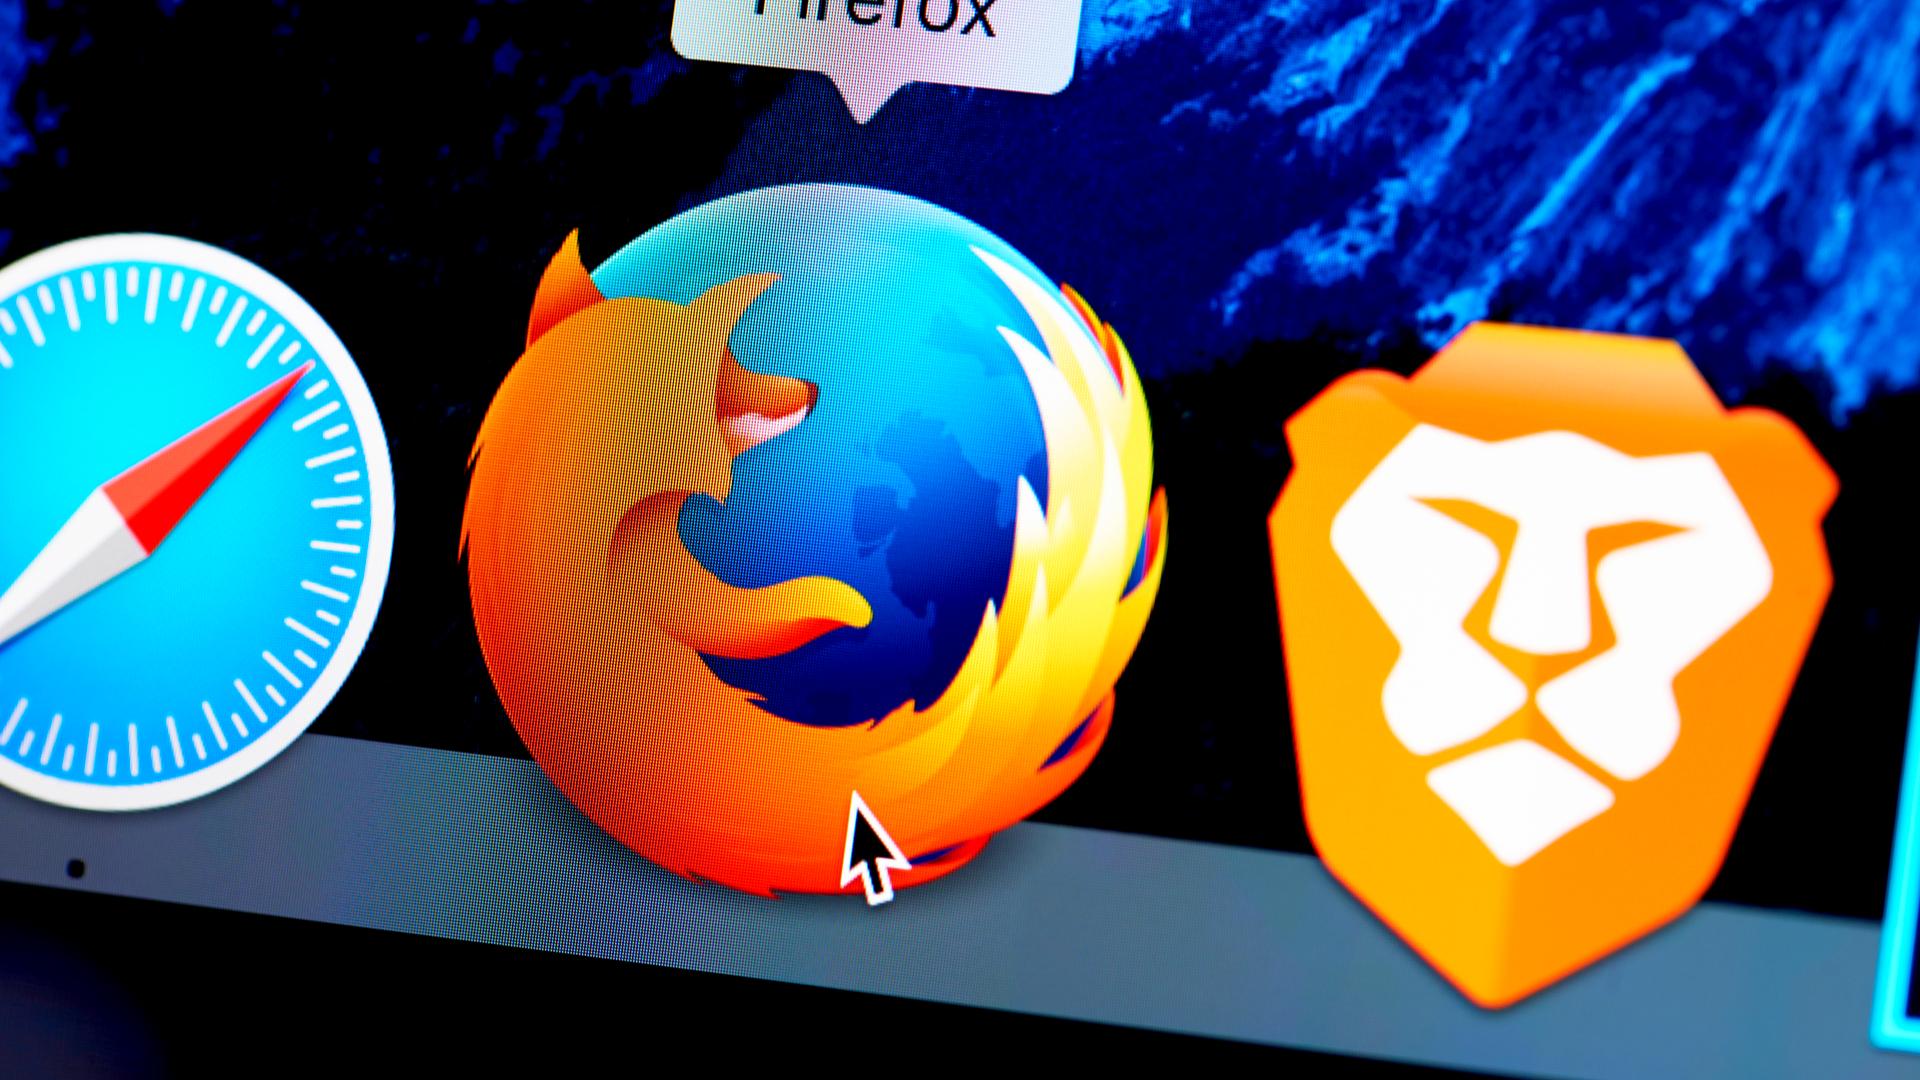 تغير Mozilla موقفها من تتبع موقع الويب ، وسوف تمنع الآن جمع البيانات بشكل افتراضي 1